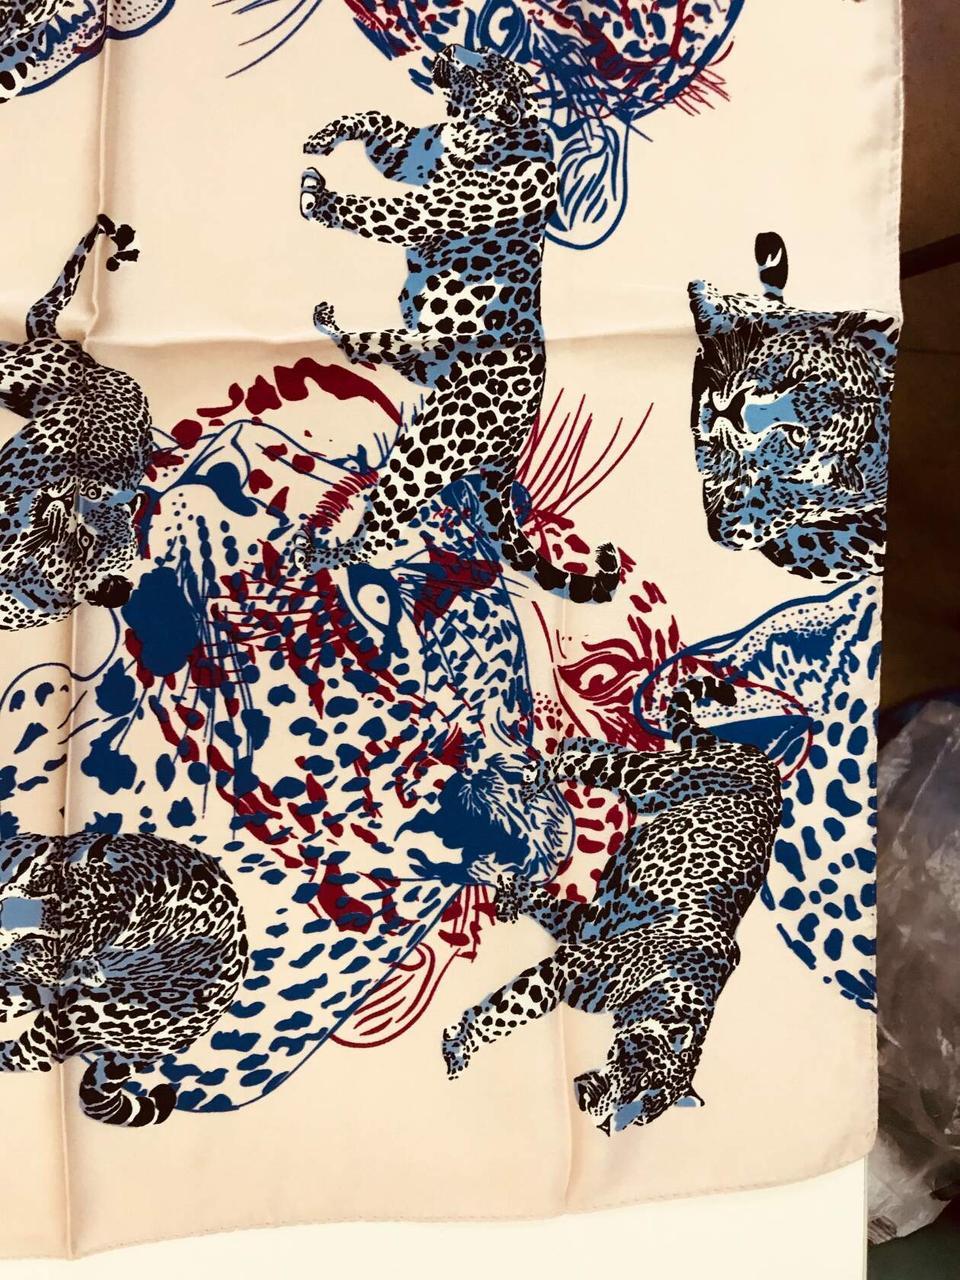 Шейный платок с добавкой натурального шёлка  цвет пудра и молочный с рисунком